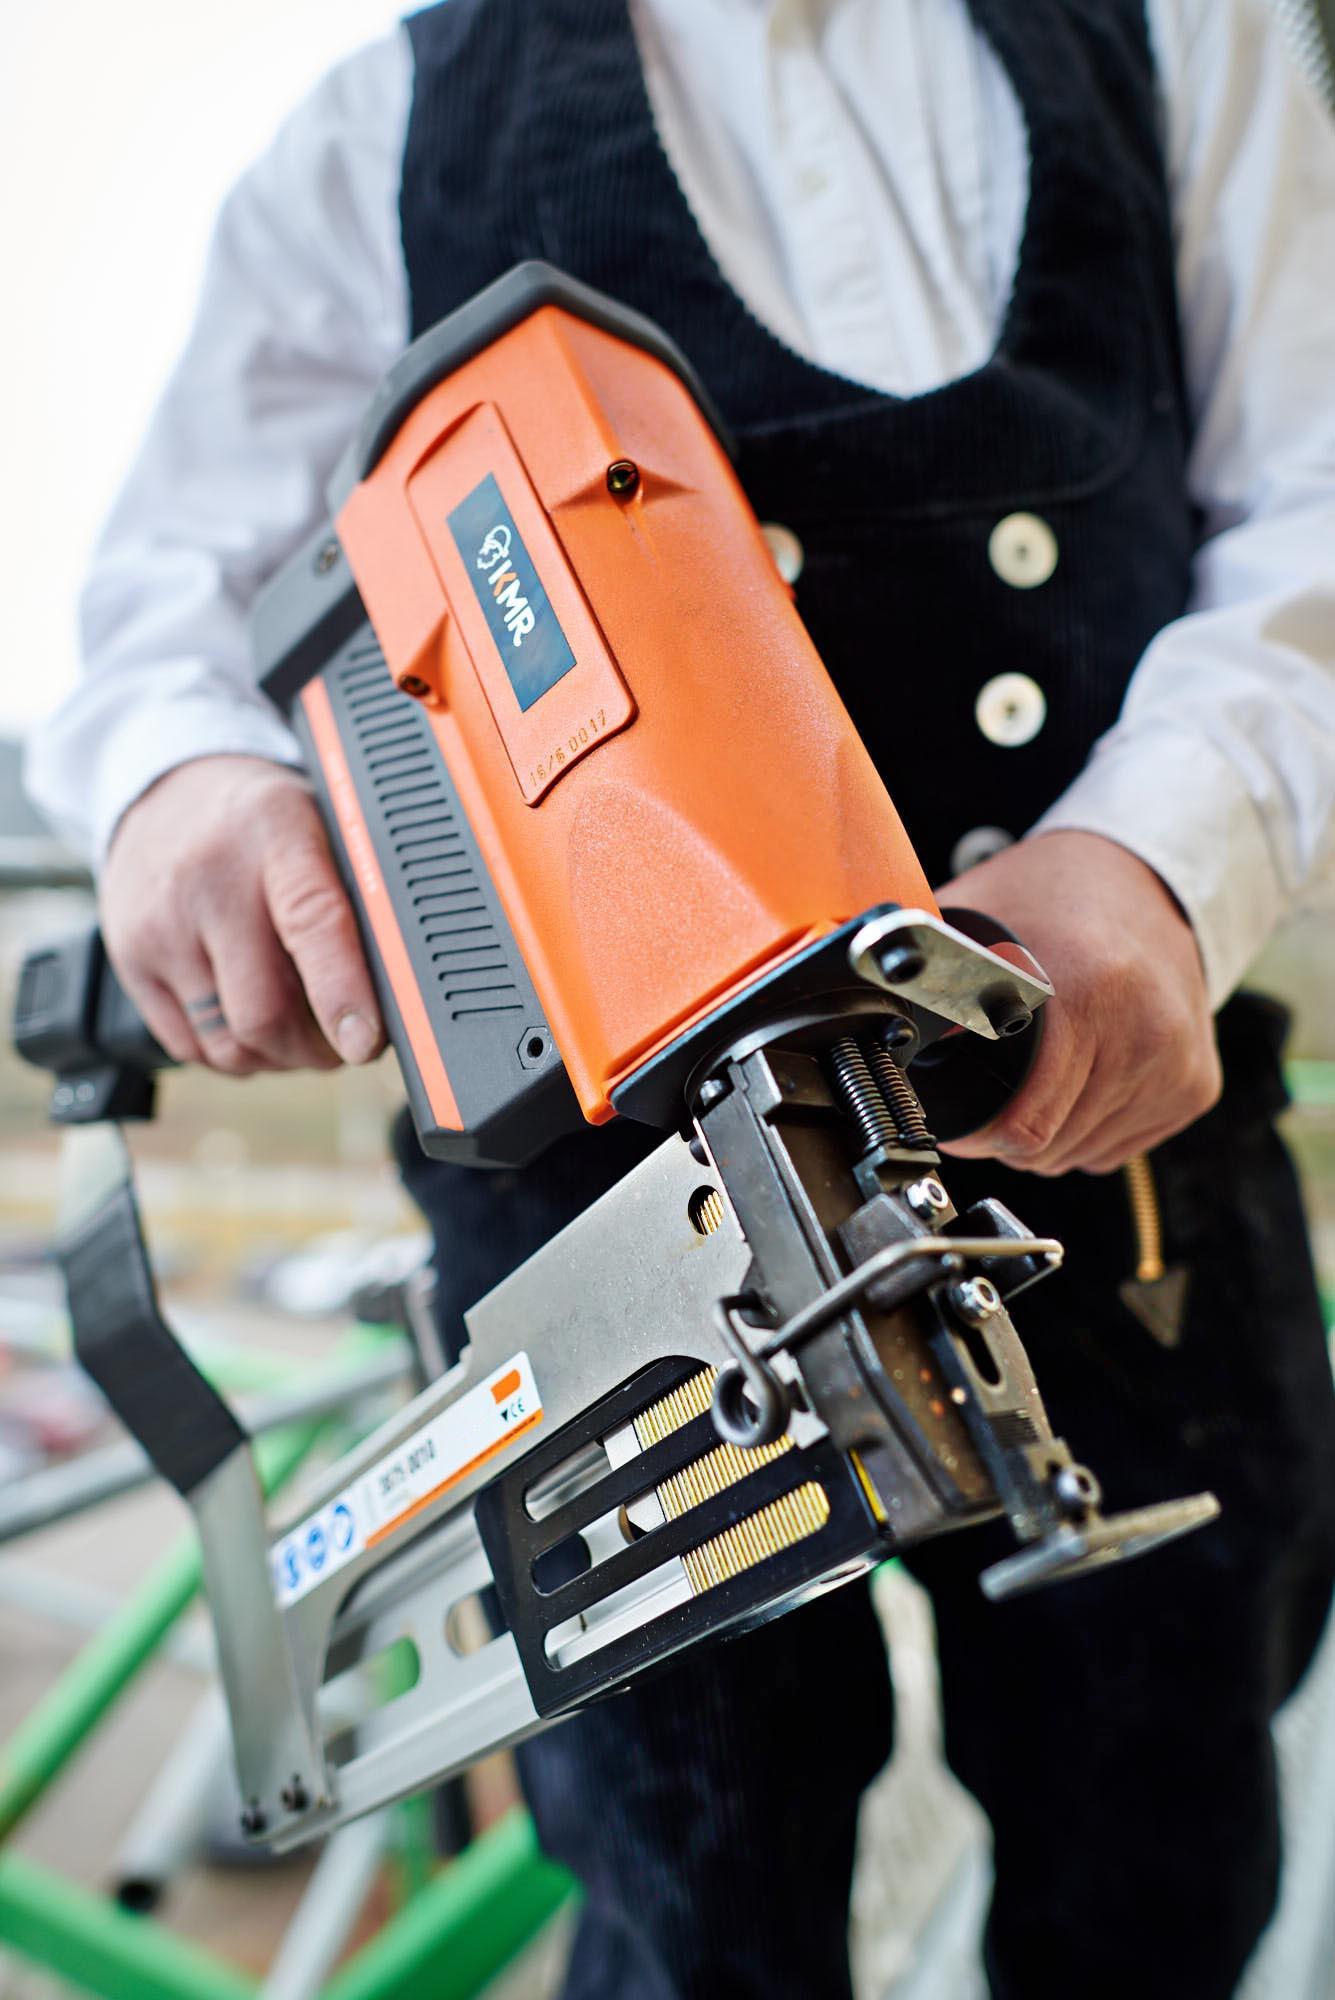 KMR 10748 - KMR Verbindungstechnik: Starke Geräte im Einsatz